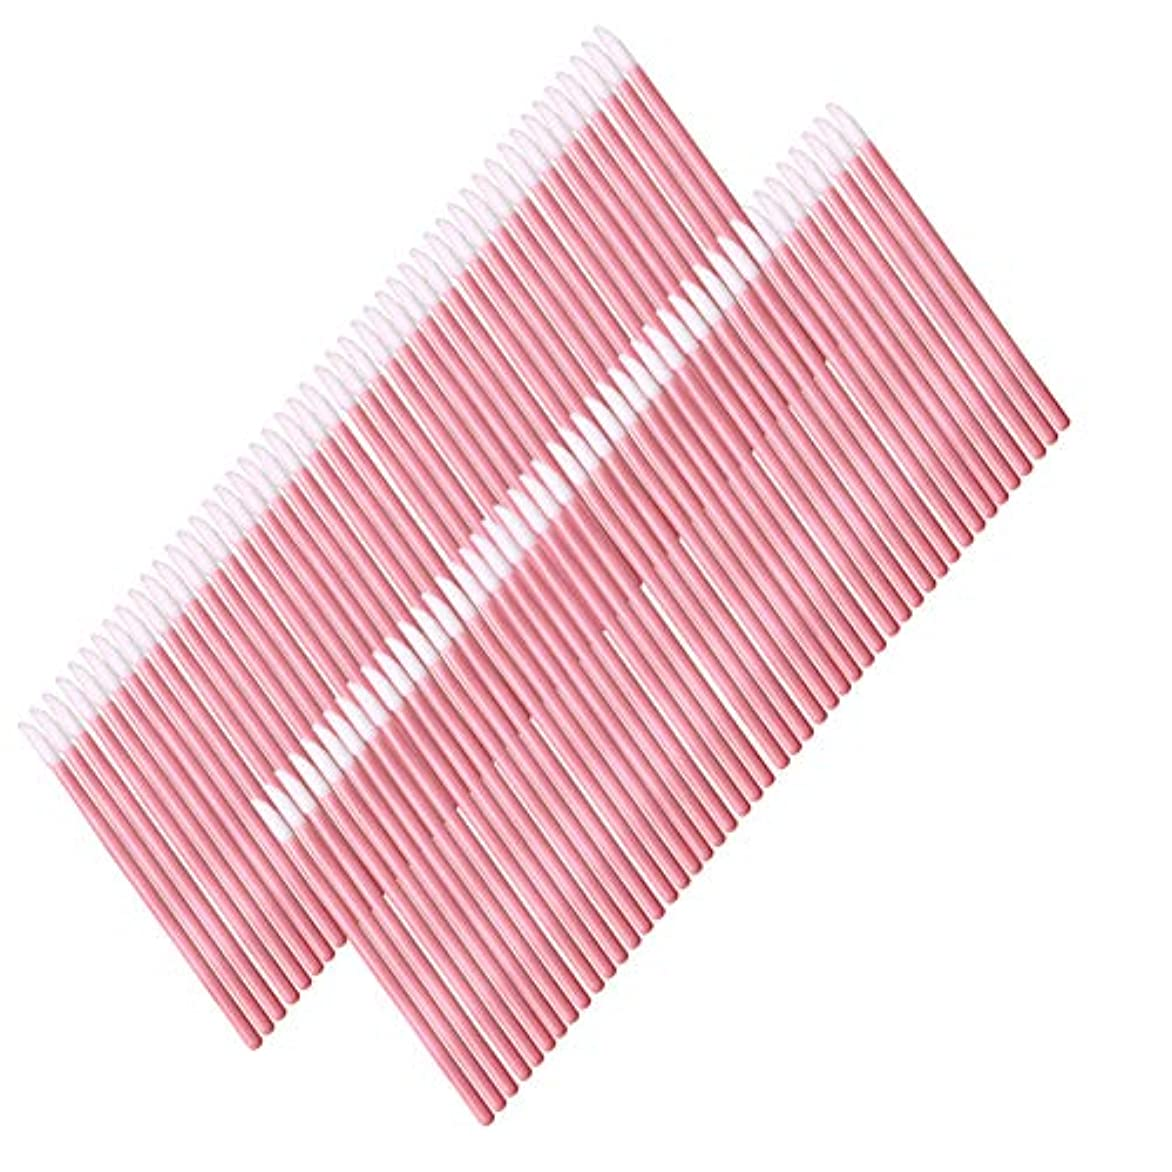 等価モノグラフ同情的50使い捨てのリップブラシメイクブラシアプリケーターリップグロス口紅のメイクアップツールトークン(ピンク)